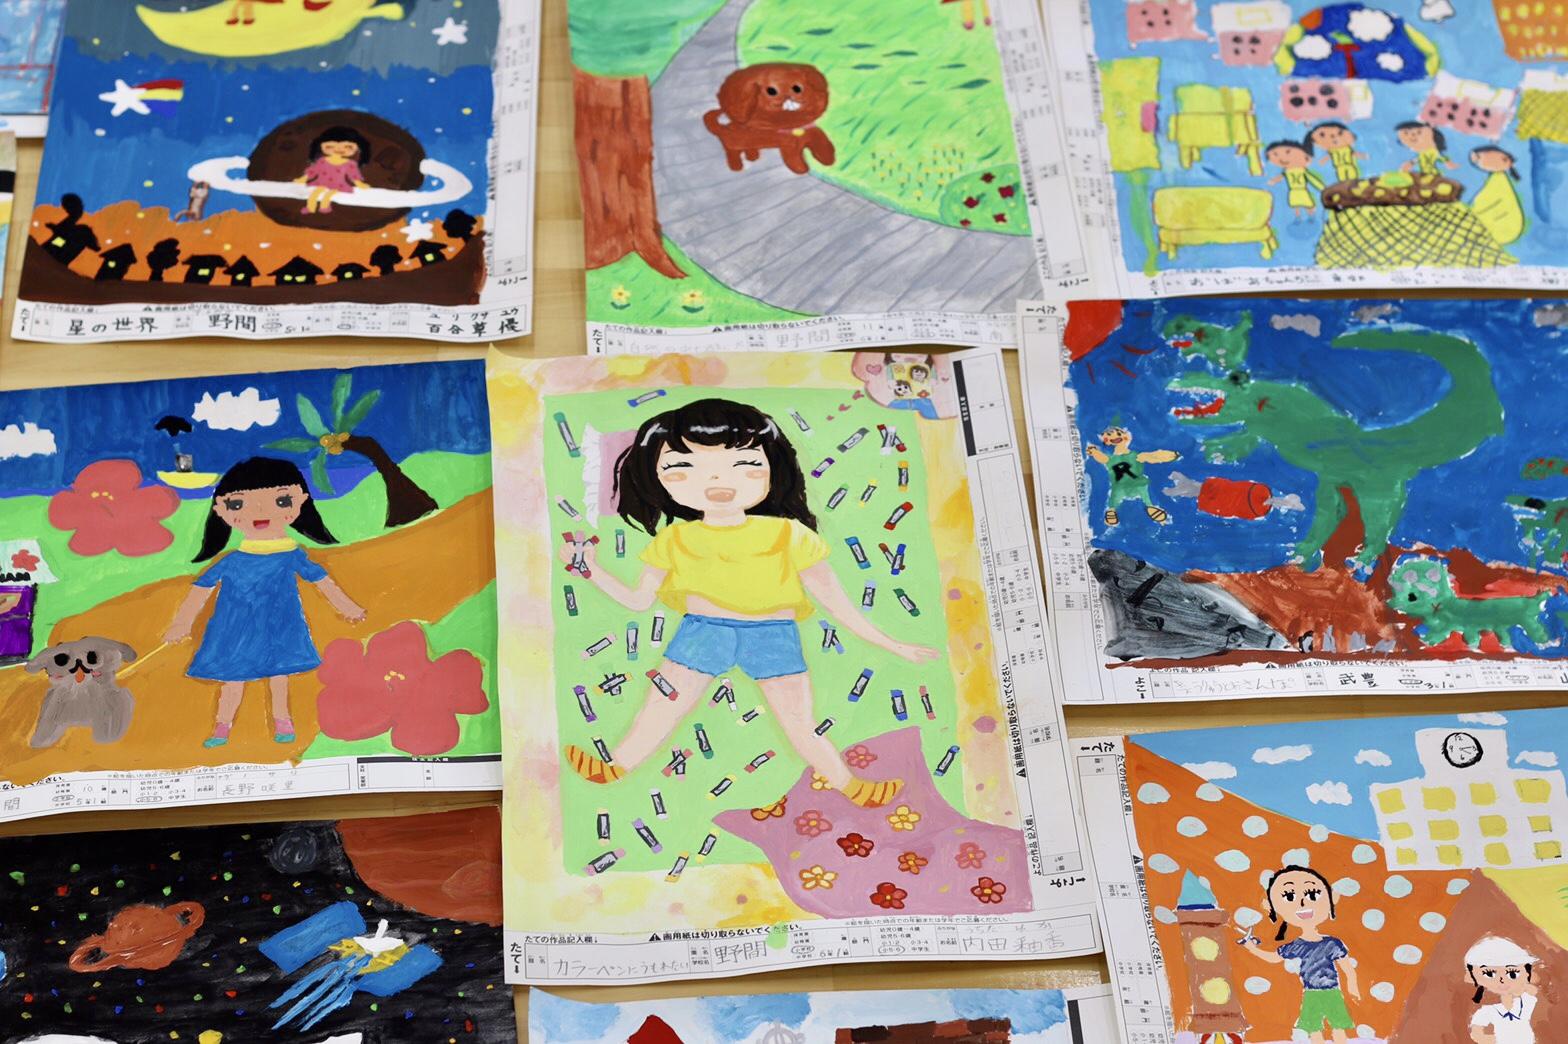 「住友生命 子ども絵画コンクール」の続き イメージ画像